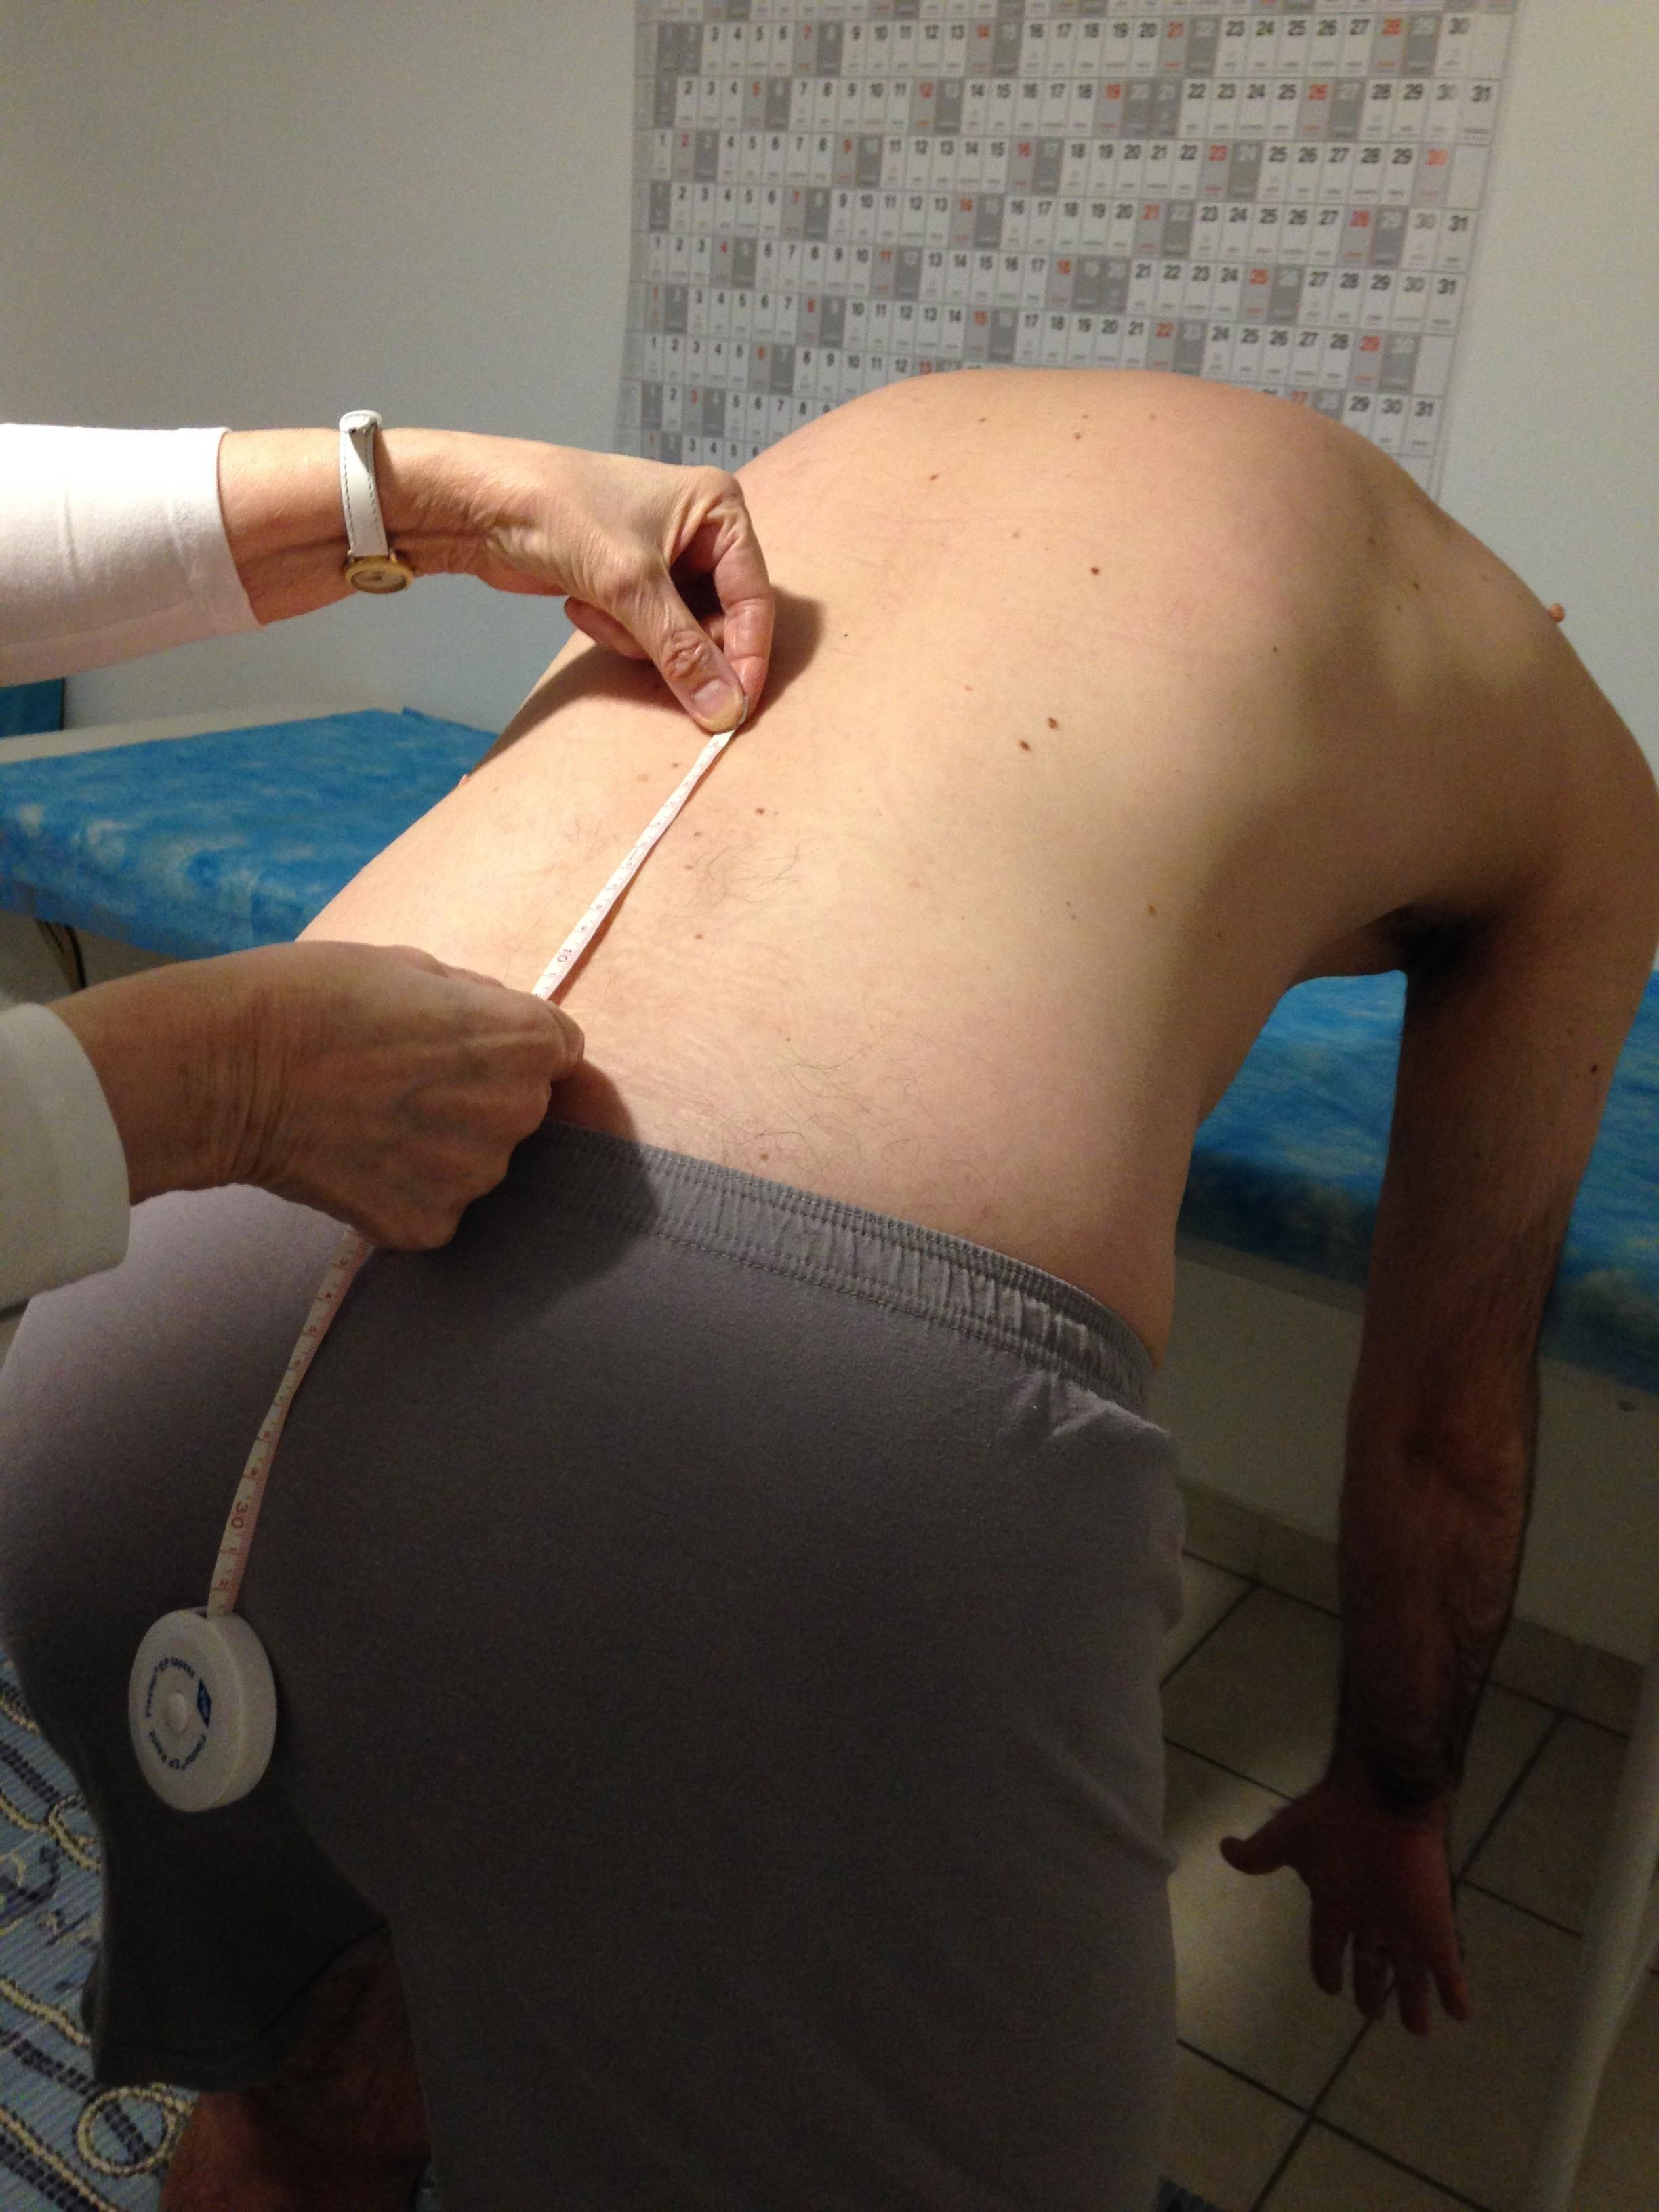 gerinc izületi gyulladás kezelése lábfájdalom gyógyítása